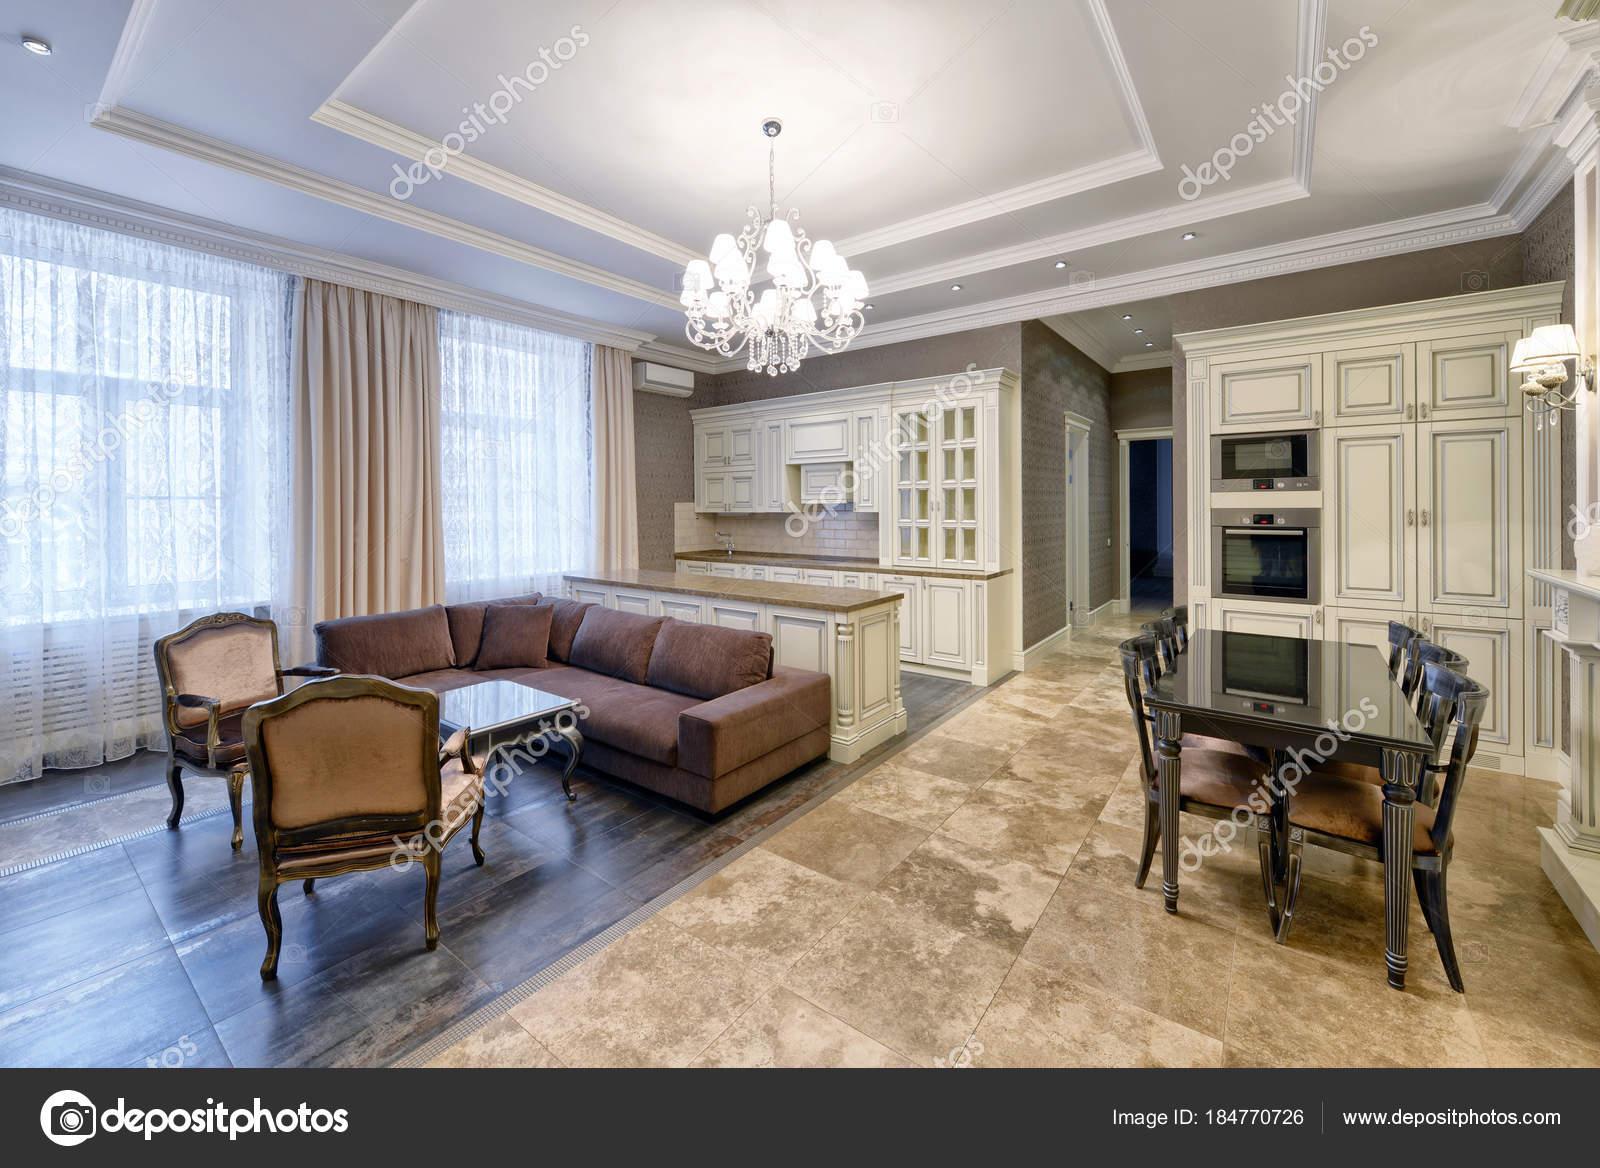 Quarto Interior Design Moderno Com Cozinha Branca Apartamento Luxo Tons U2014  Fotografia De Stock